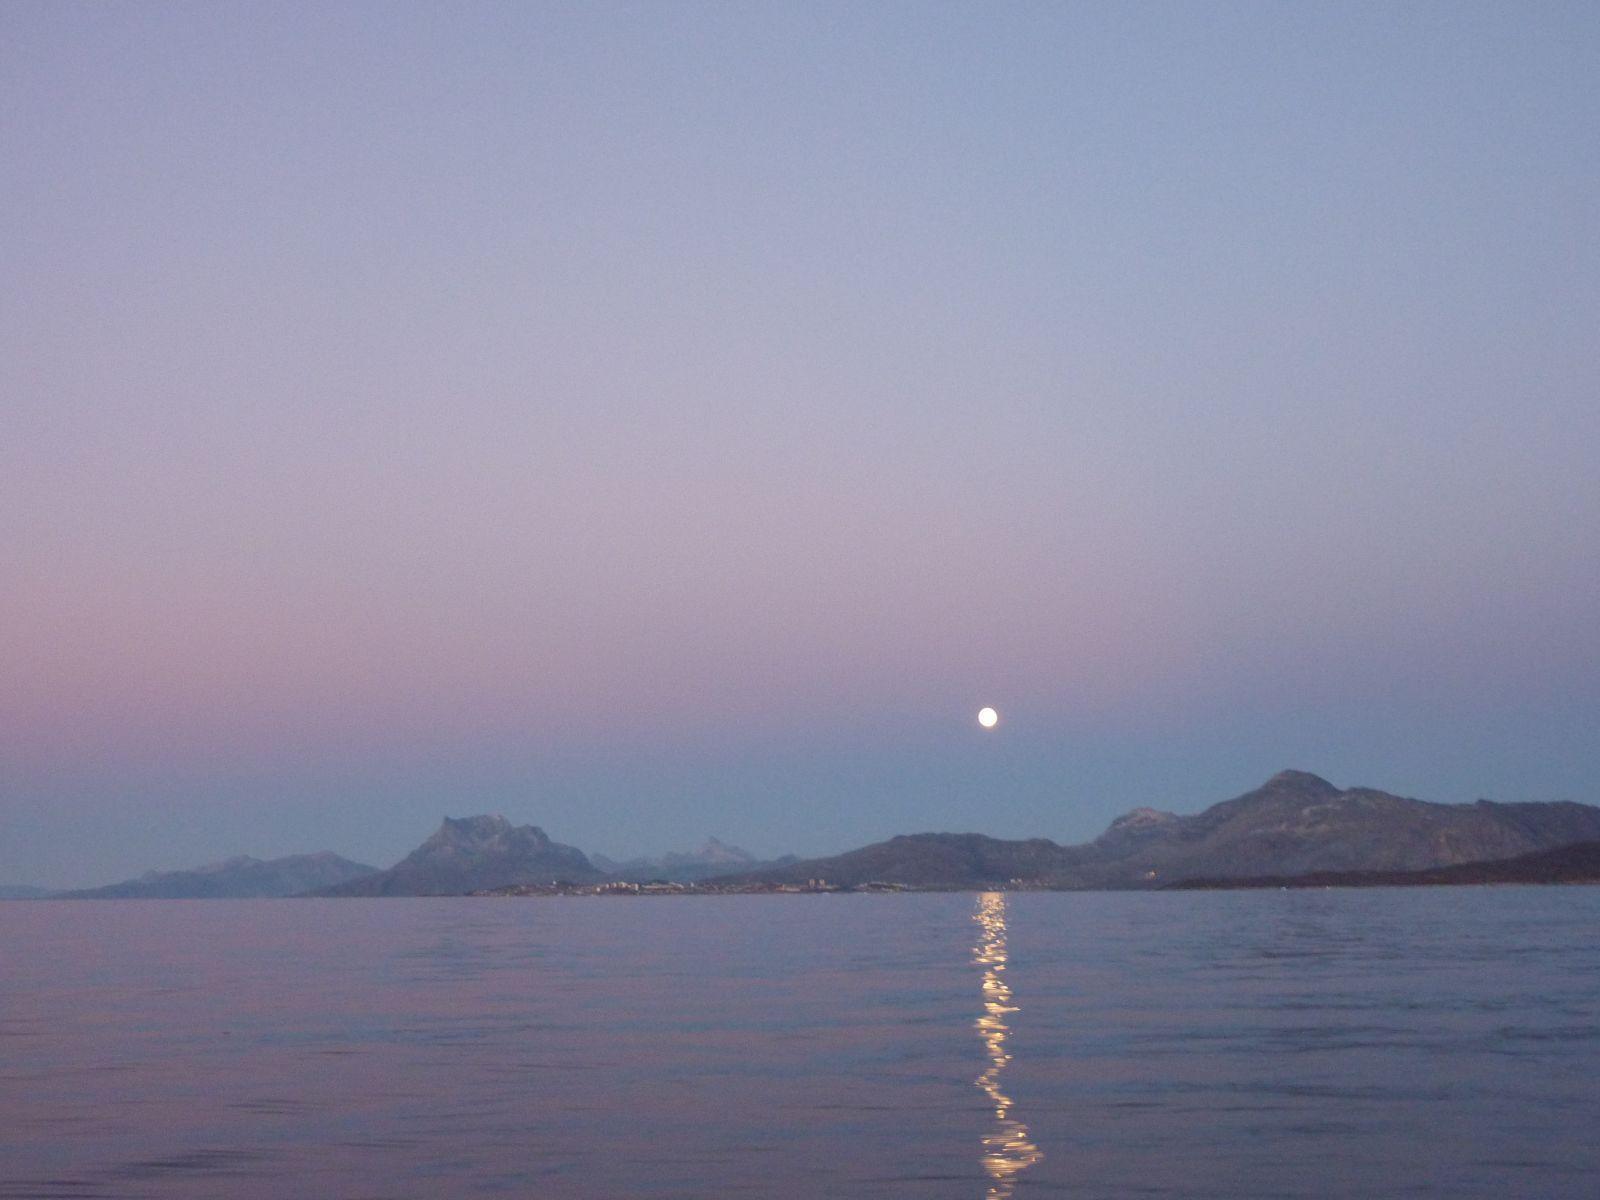 2010-10-23-1800_-_Månen; Sermitsiaq